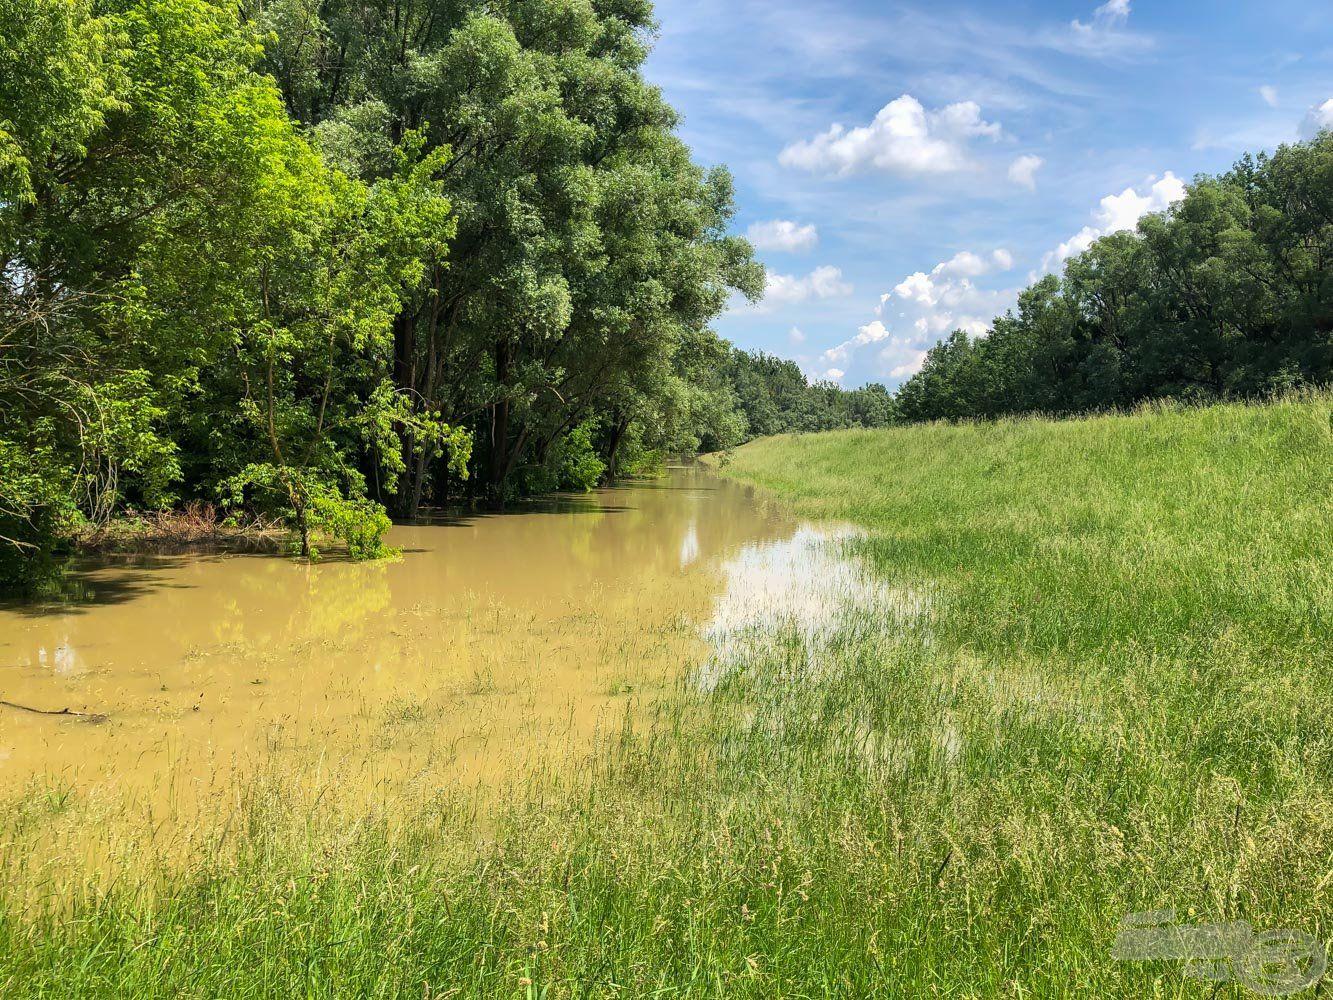 A töltésoldalig kijött a folyó, ami a főmedertől több száz méterre van